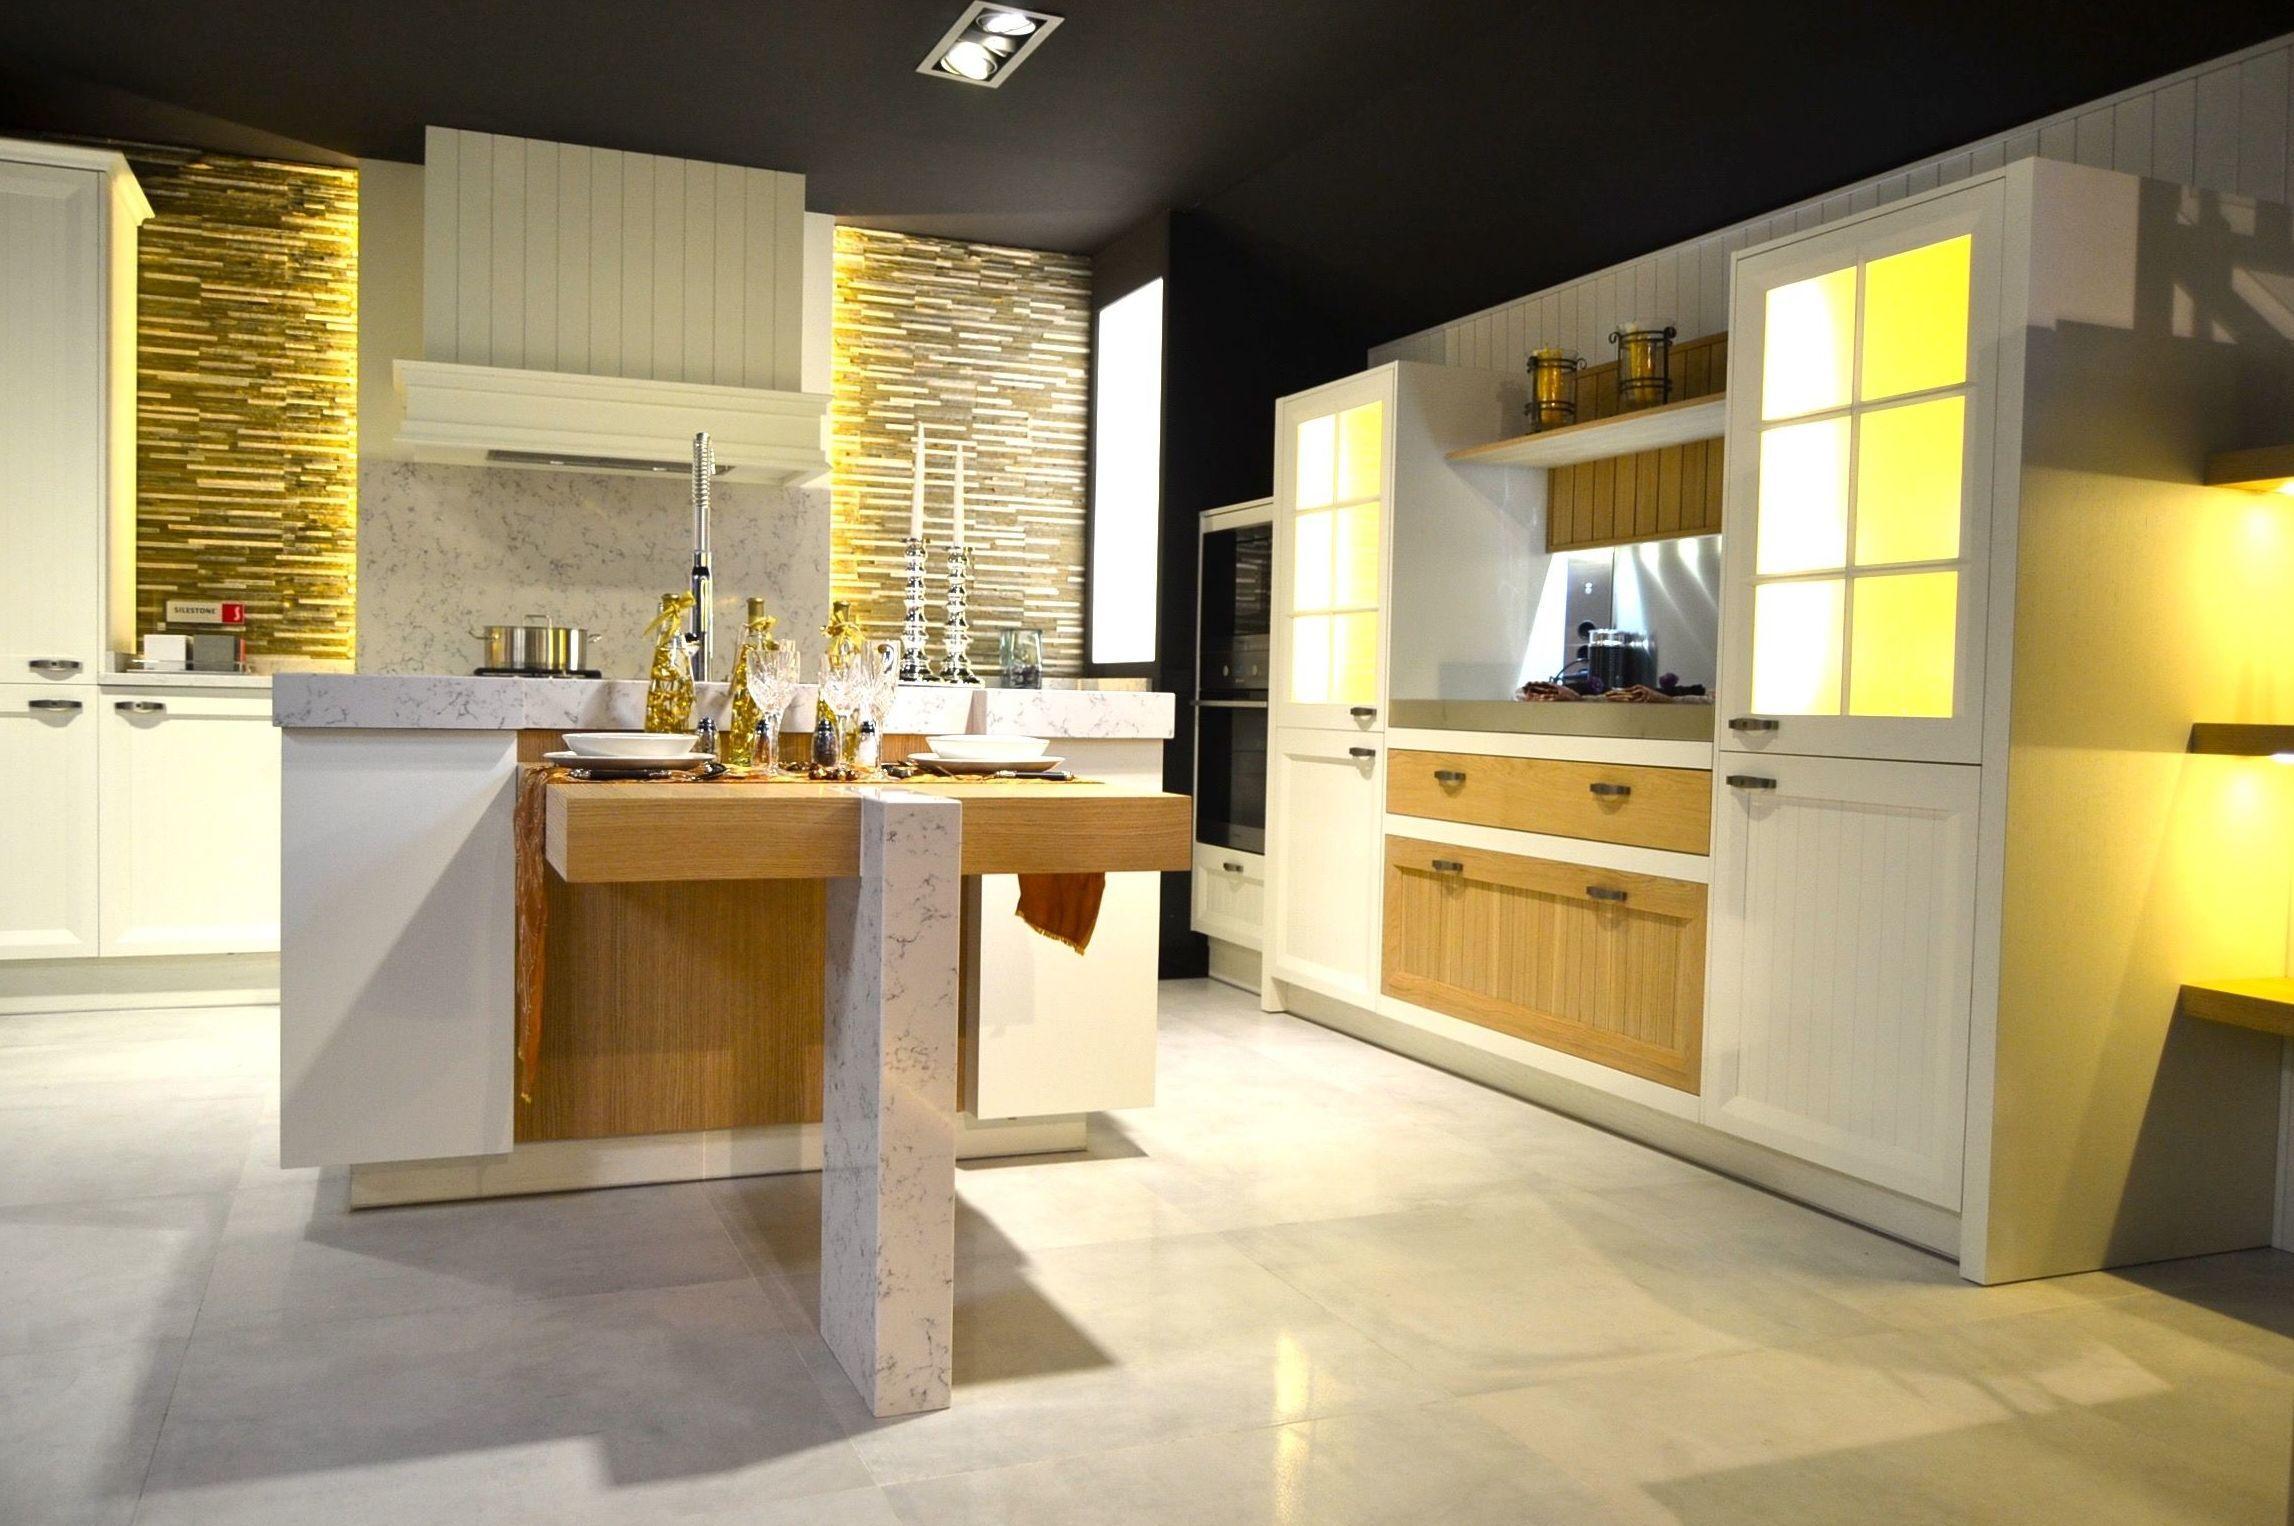 Bonito cocinas a medida madrid galer a de im genes - Muebles de cocina madrid ...